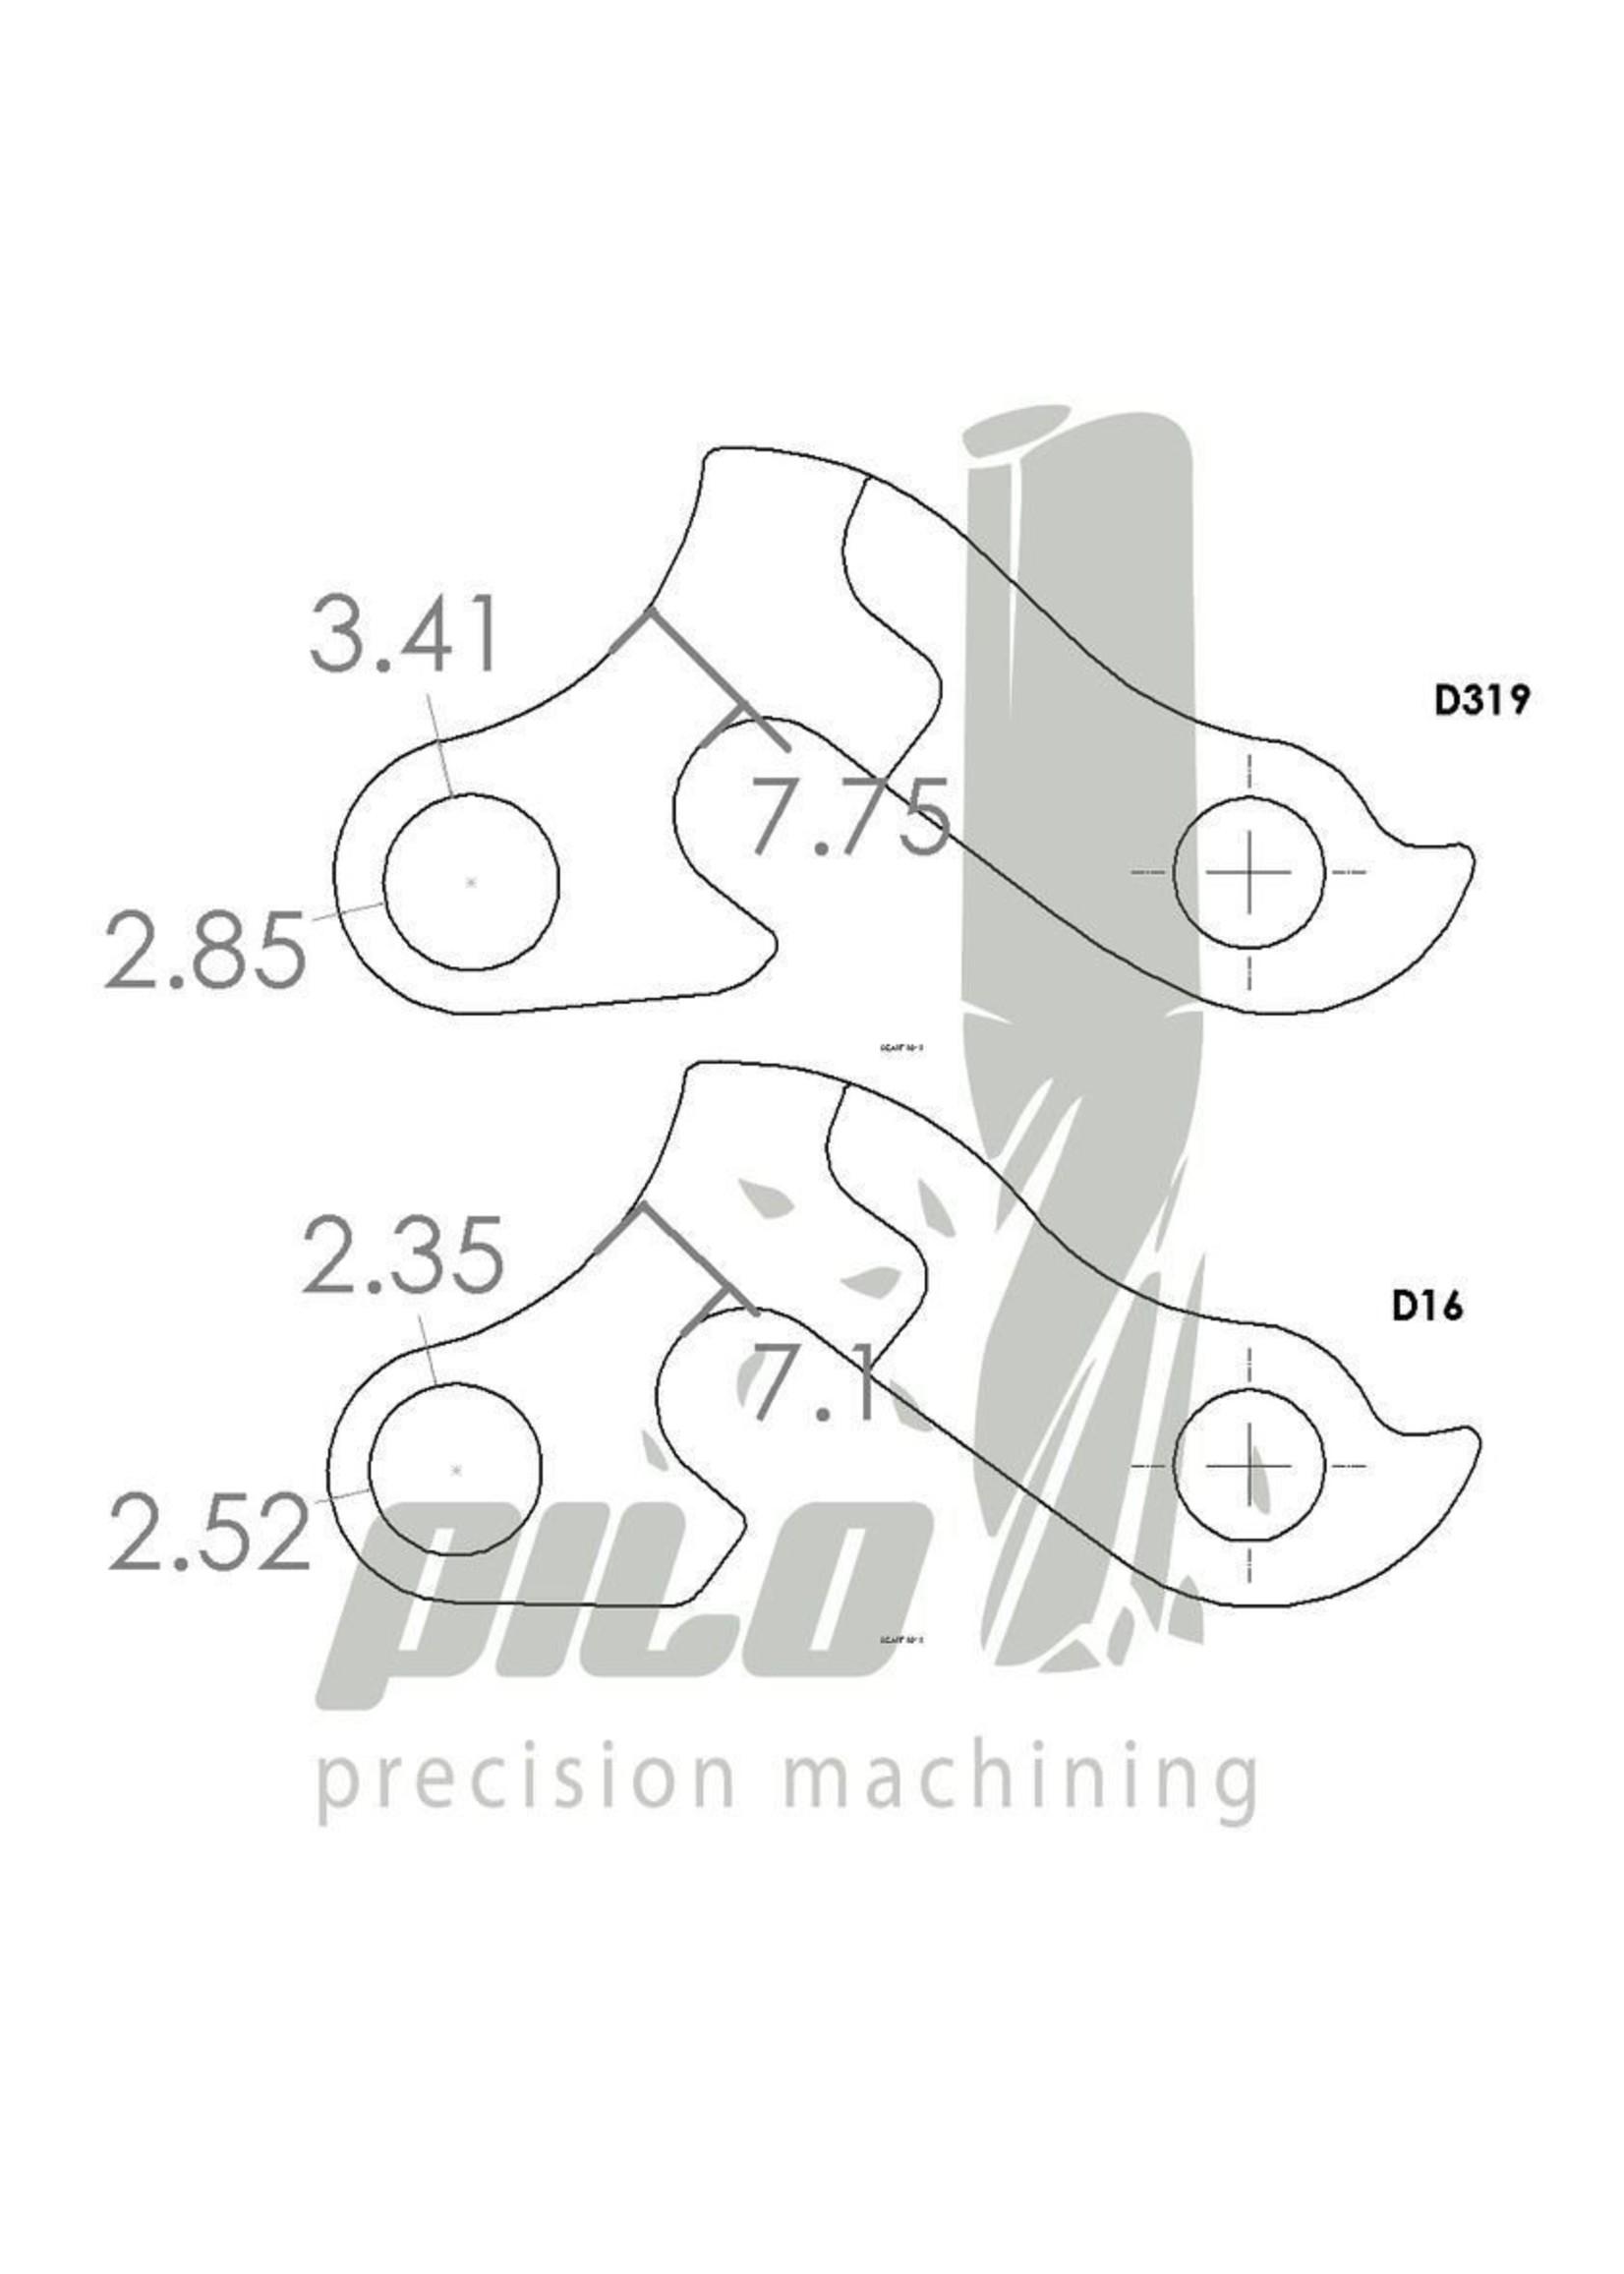 PILO D319 CNC Derailleur Hanger